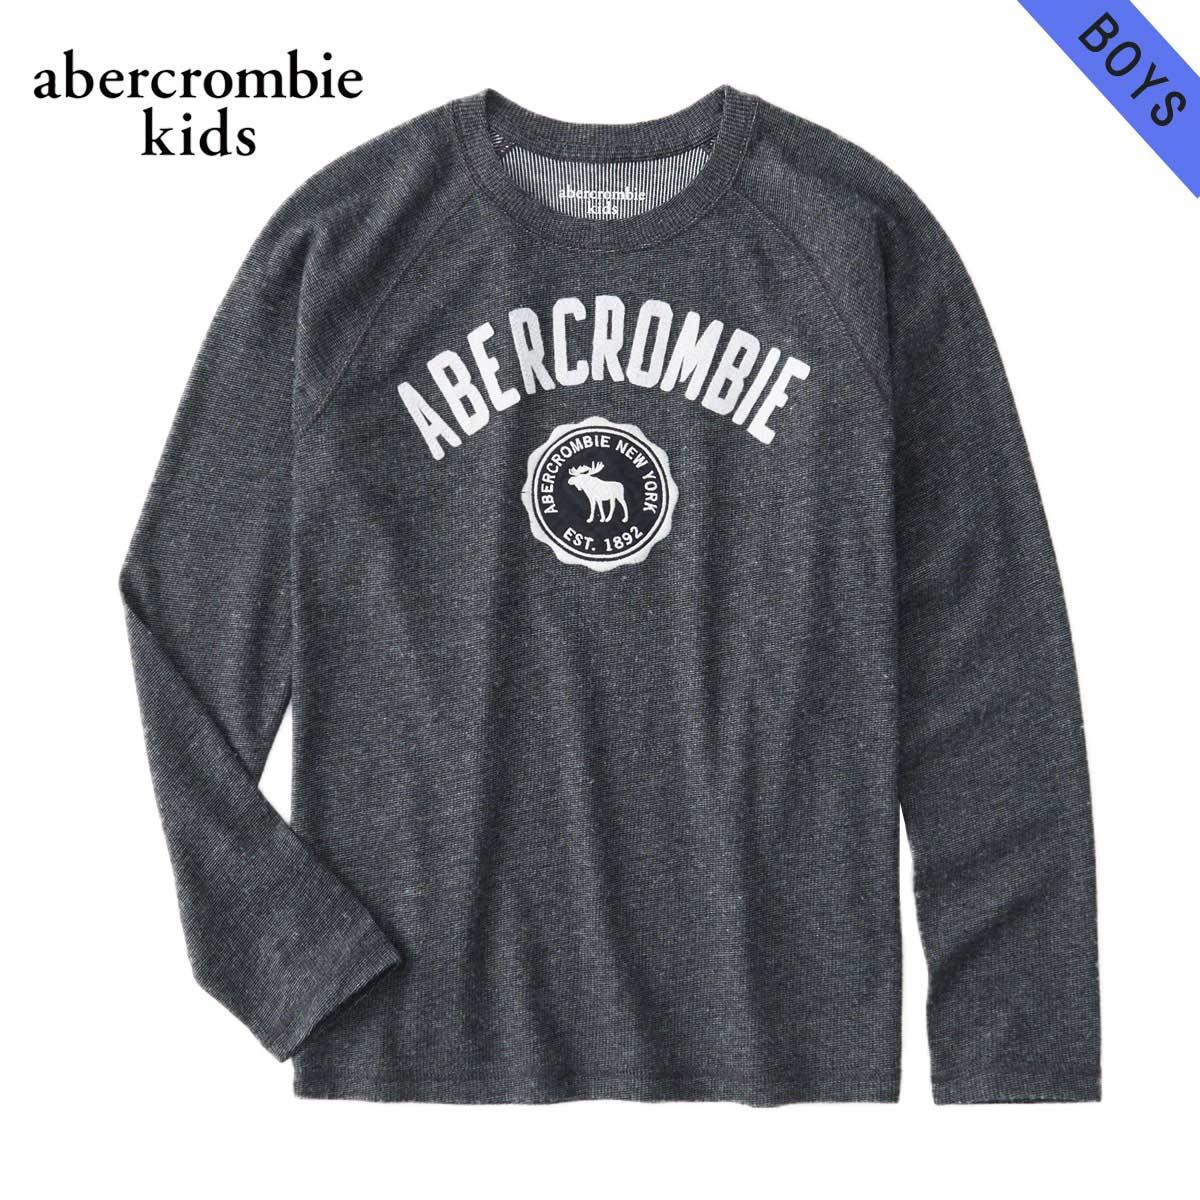 アバクロキッズ AbercrombieKids 正規品 子供服 ボーイズ クルーネック長袖Tシャツ cozy logo graphic tee 223-616-0101-023